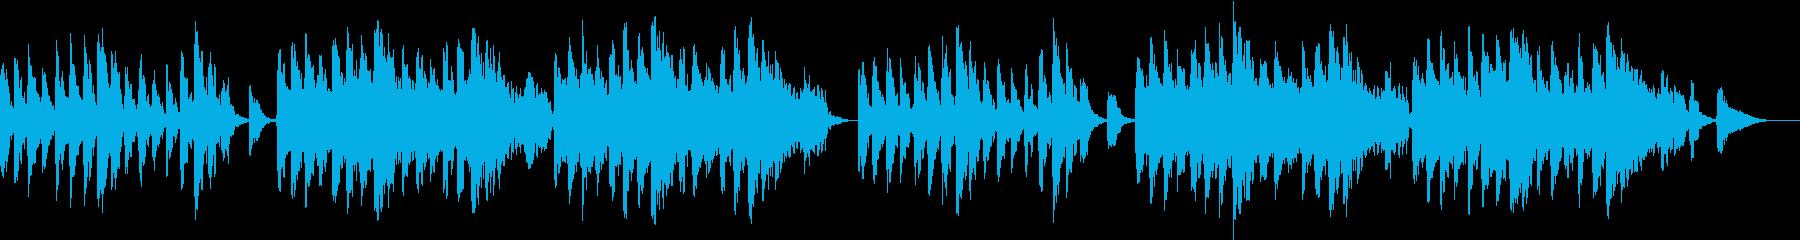 バスタイムやマッサージにオススメの再生済みの波形